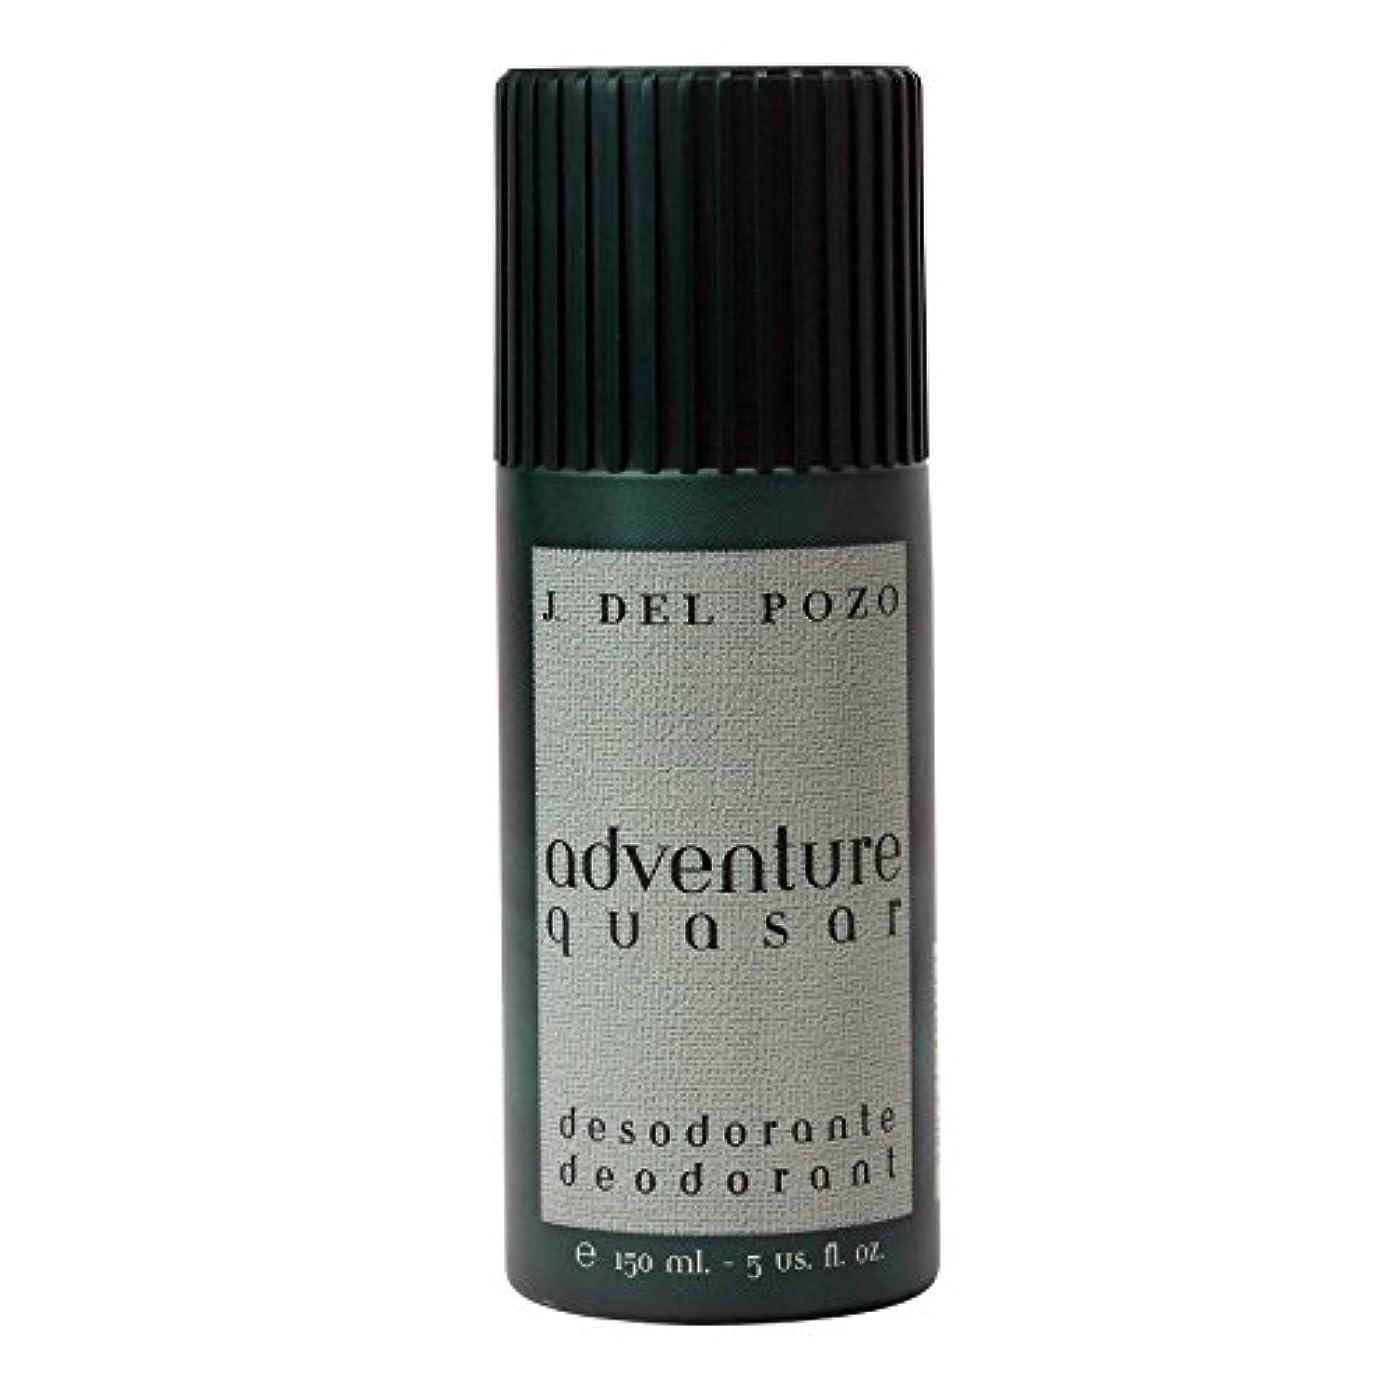 ホイールこしょう不均一Adventure Quasar (アドベンチャー クエイサー) 5.0 oz (150ml) Deodorant Spray by J. Del Pozo for Men